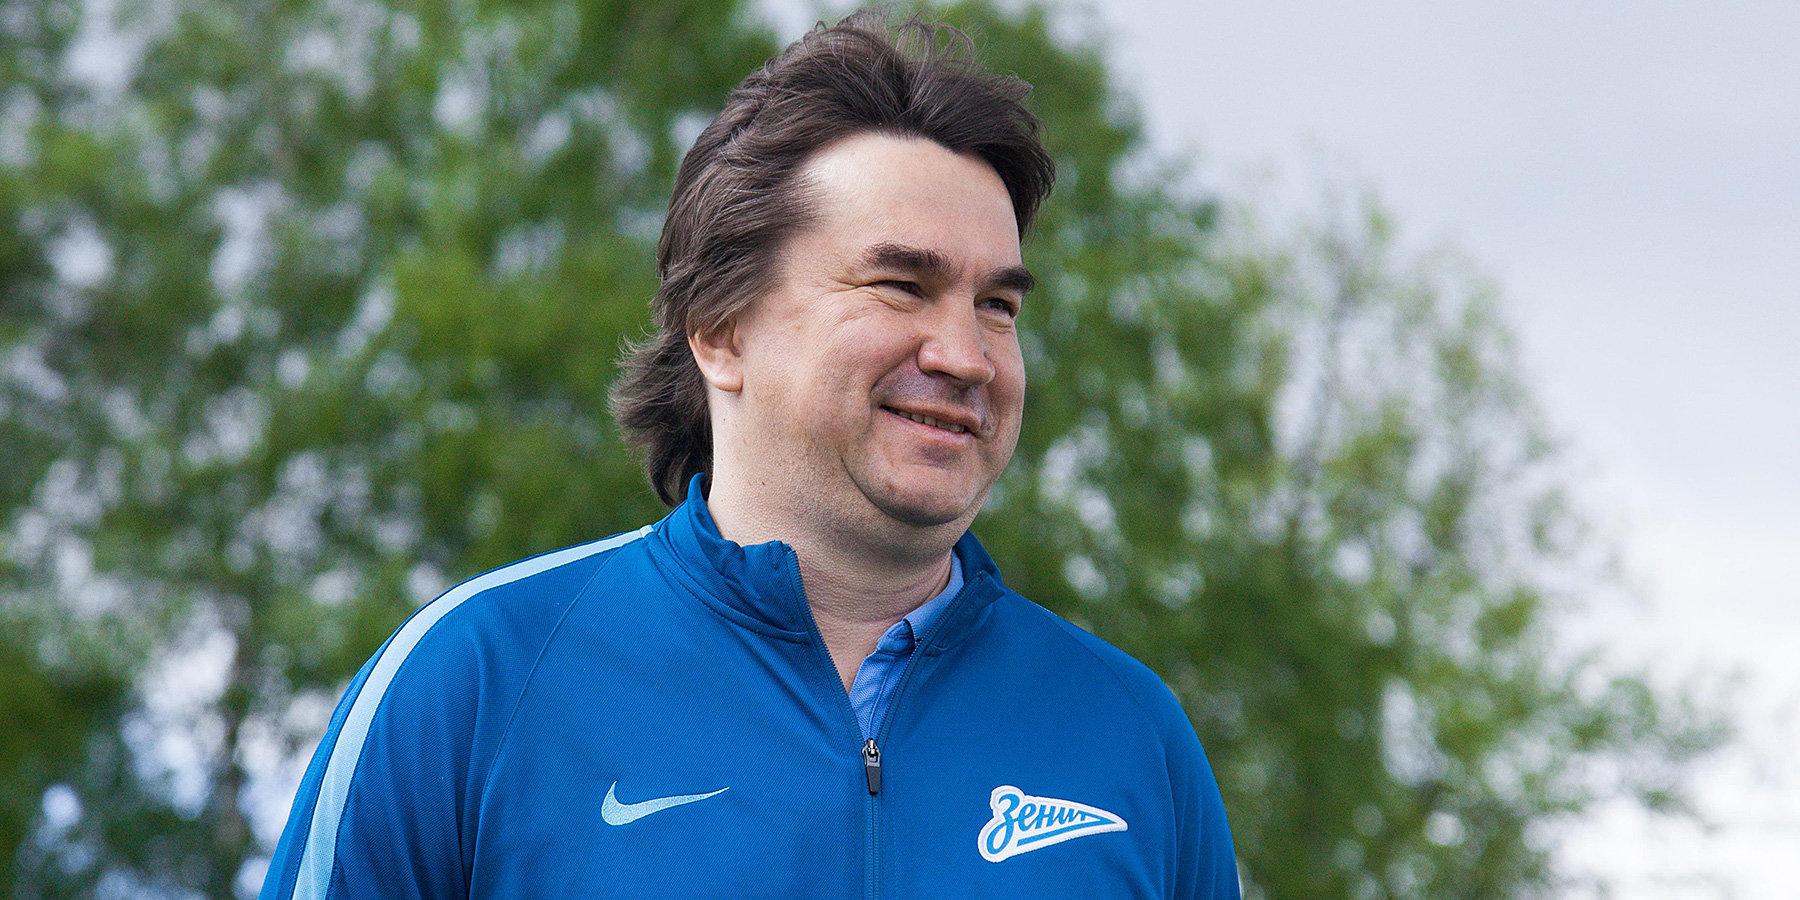 Почему победитель «Реала» Радченко не работает в «Спартаке» - фото